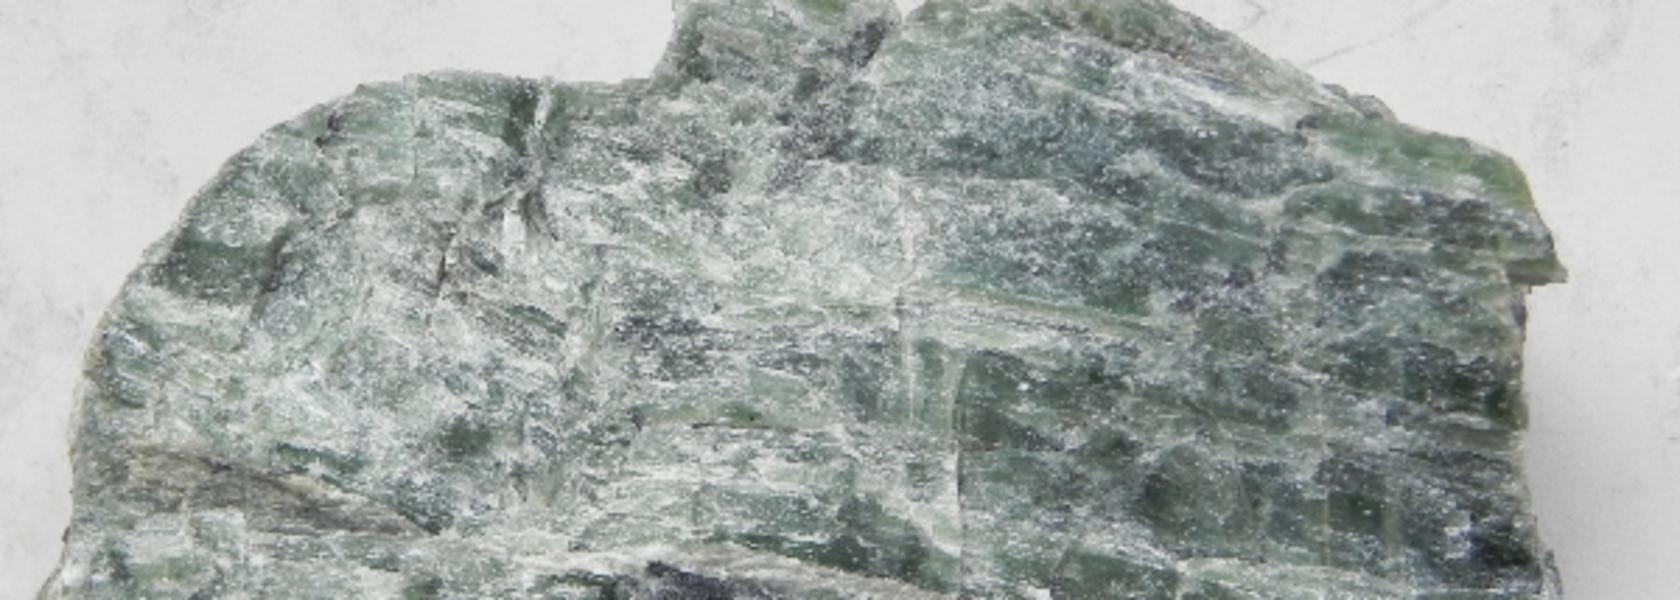 STF debate na sexta-feira lei que permite exploração de amianto em Goiás